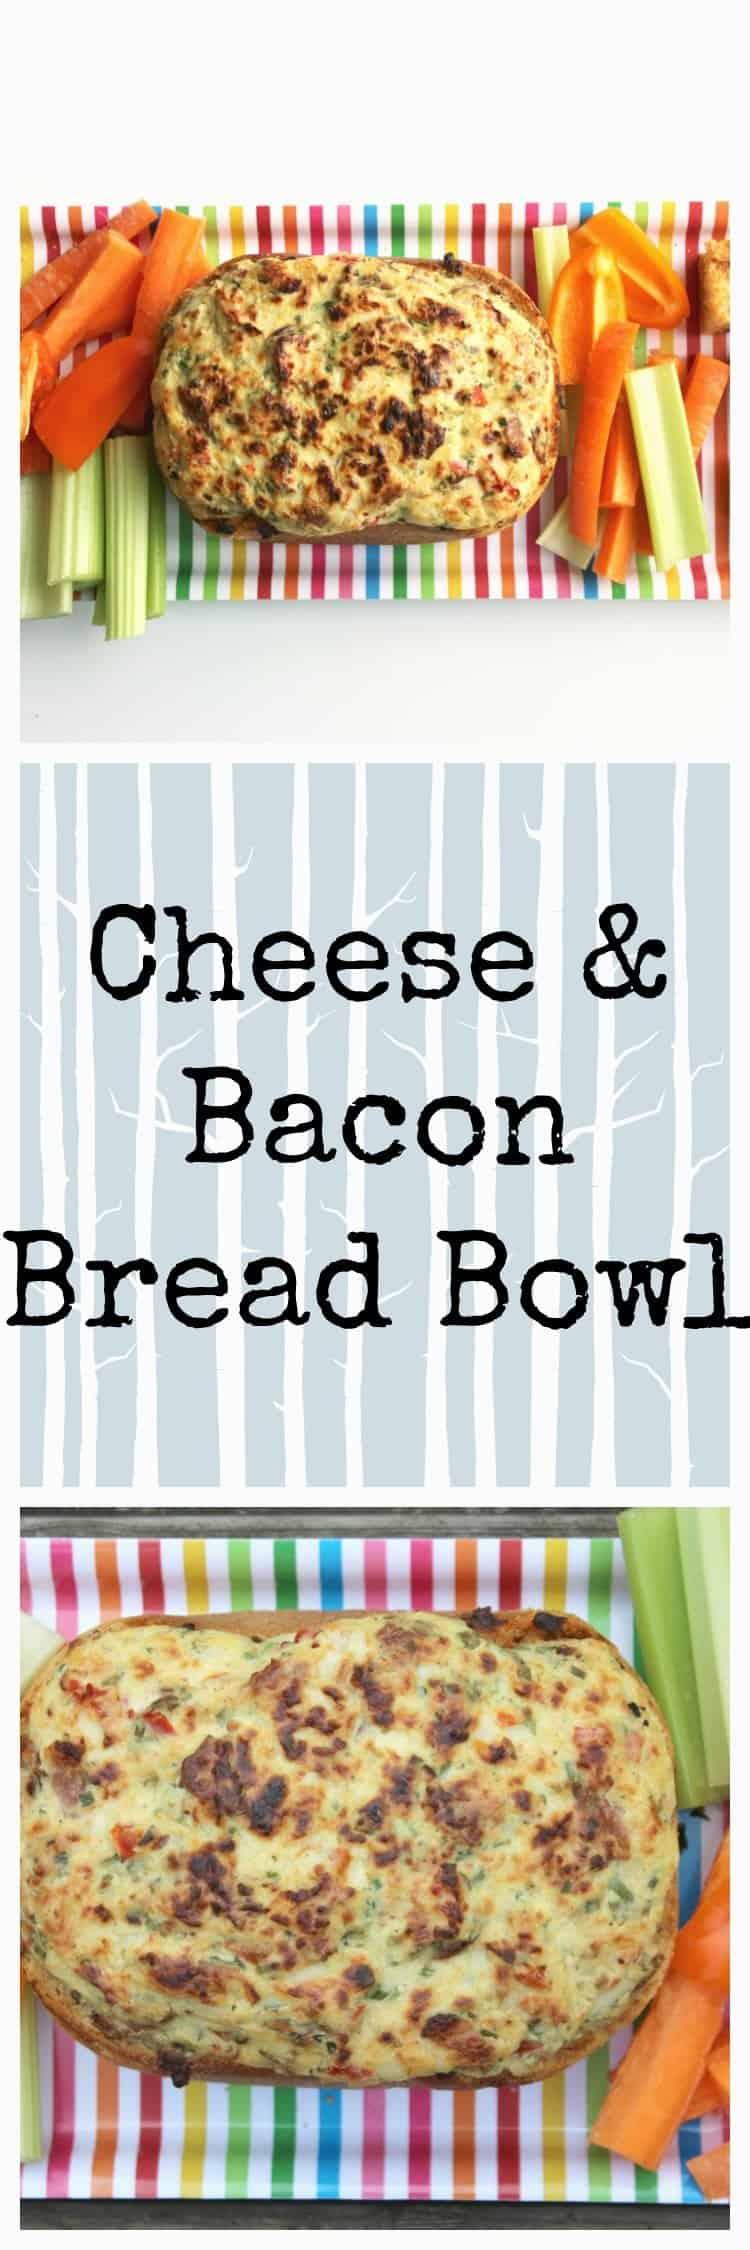 Bacon & Cheese Bread Bowl